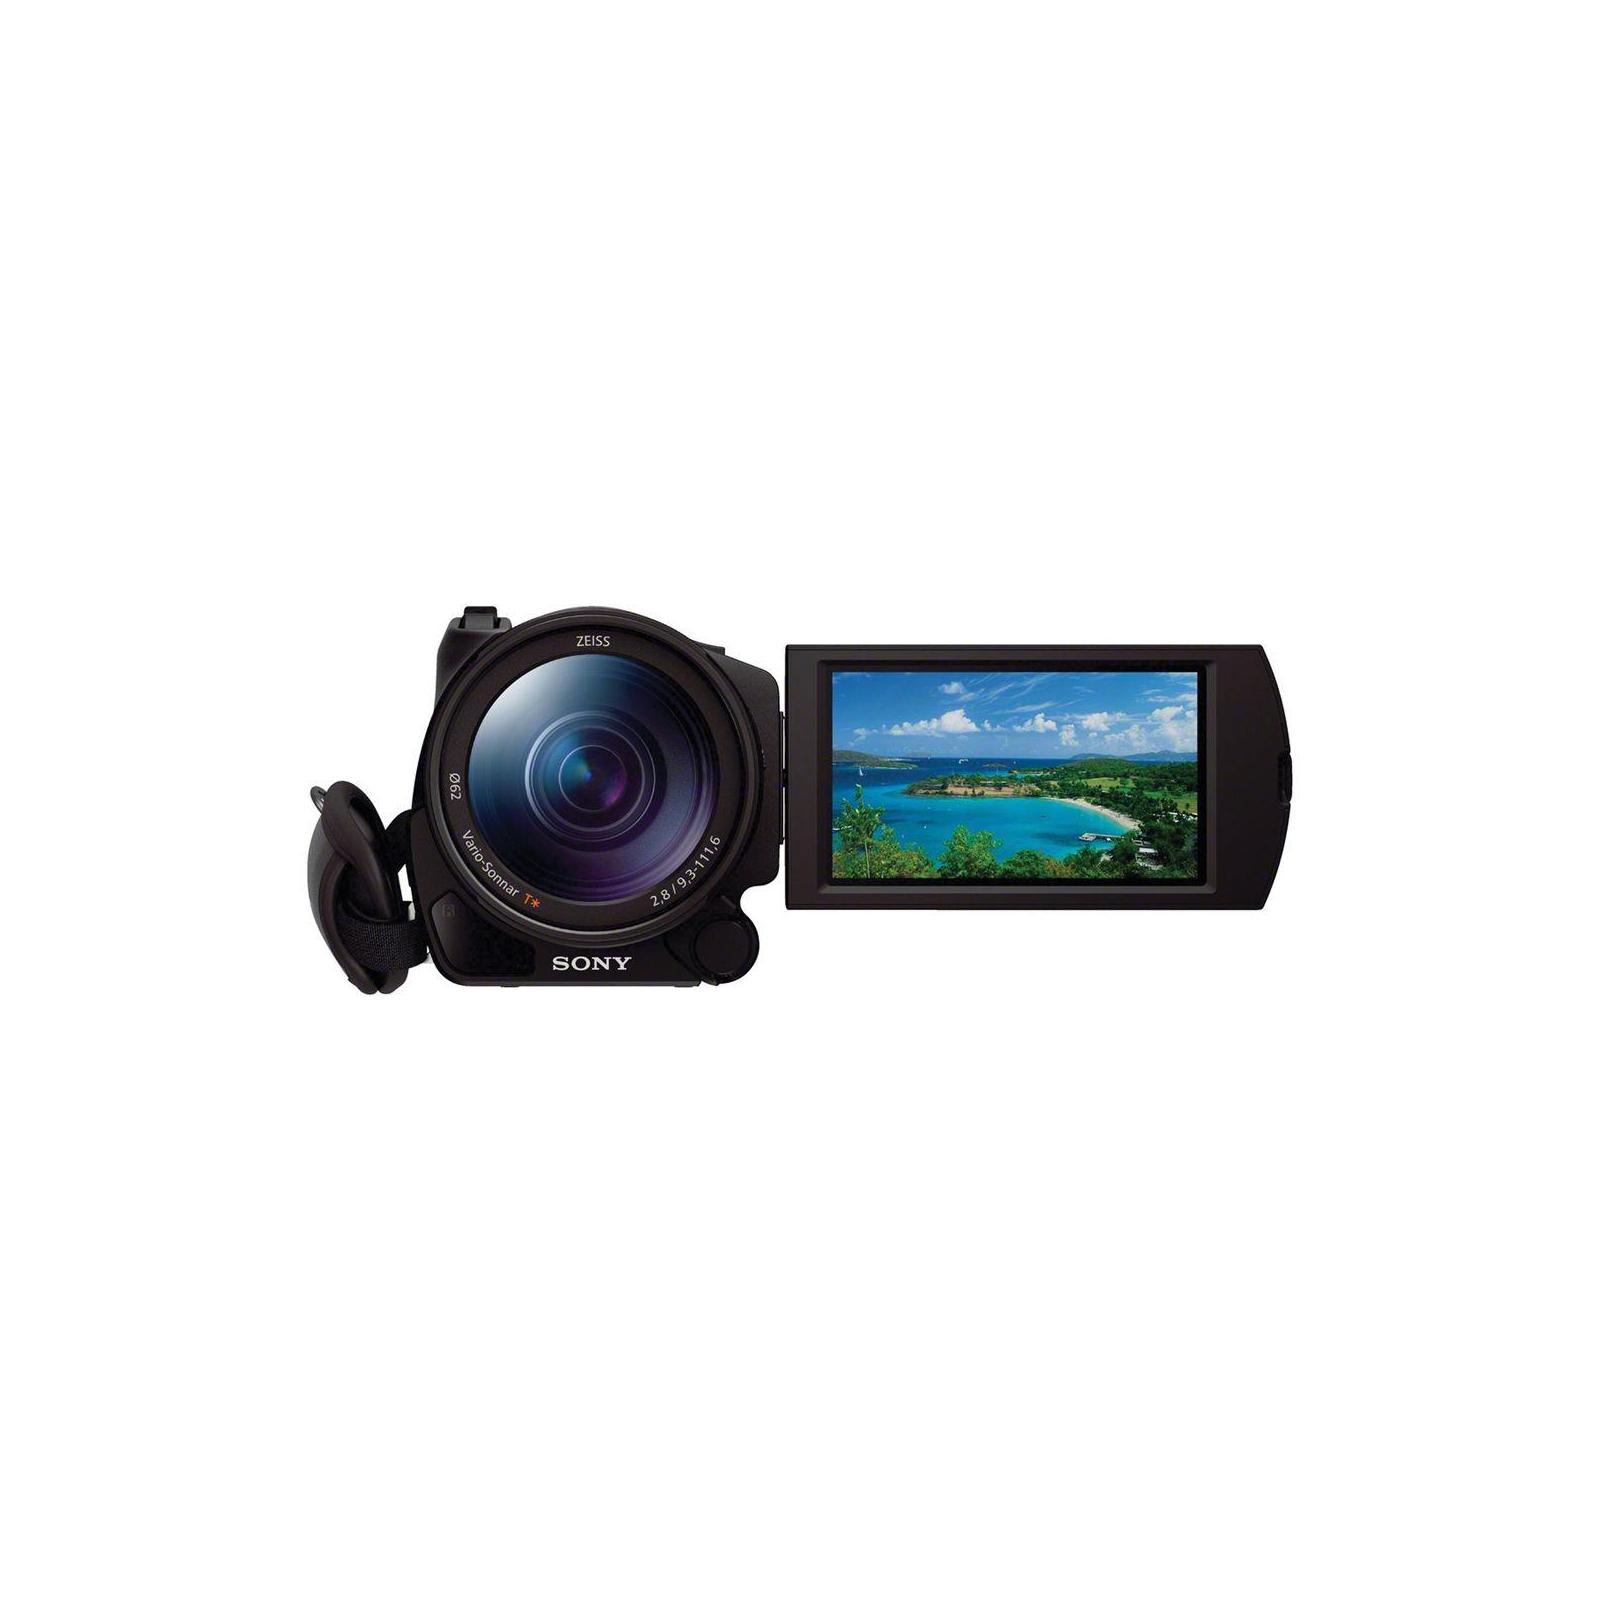 Цифровая видеокамера Sony Handycam FDR-AX700 Black (FDRAX700B.CEE) изображение 3